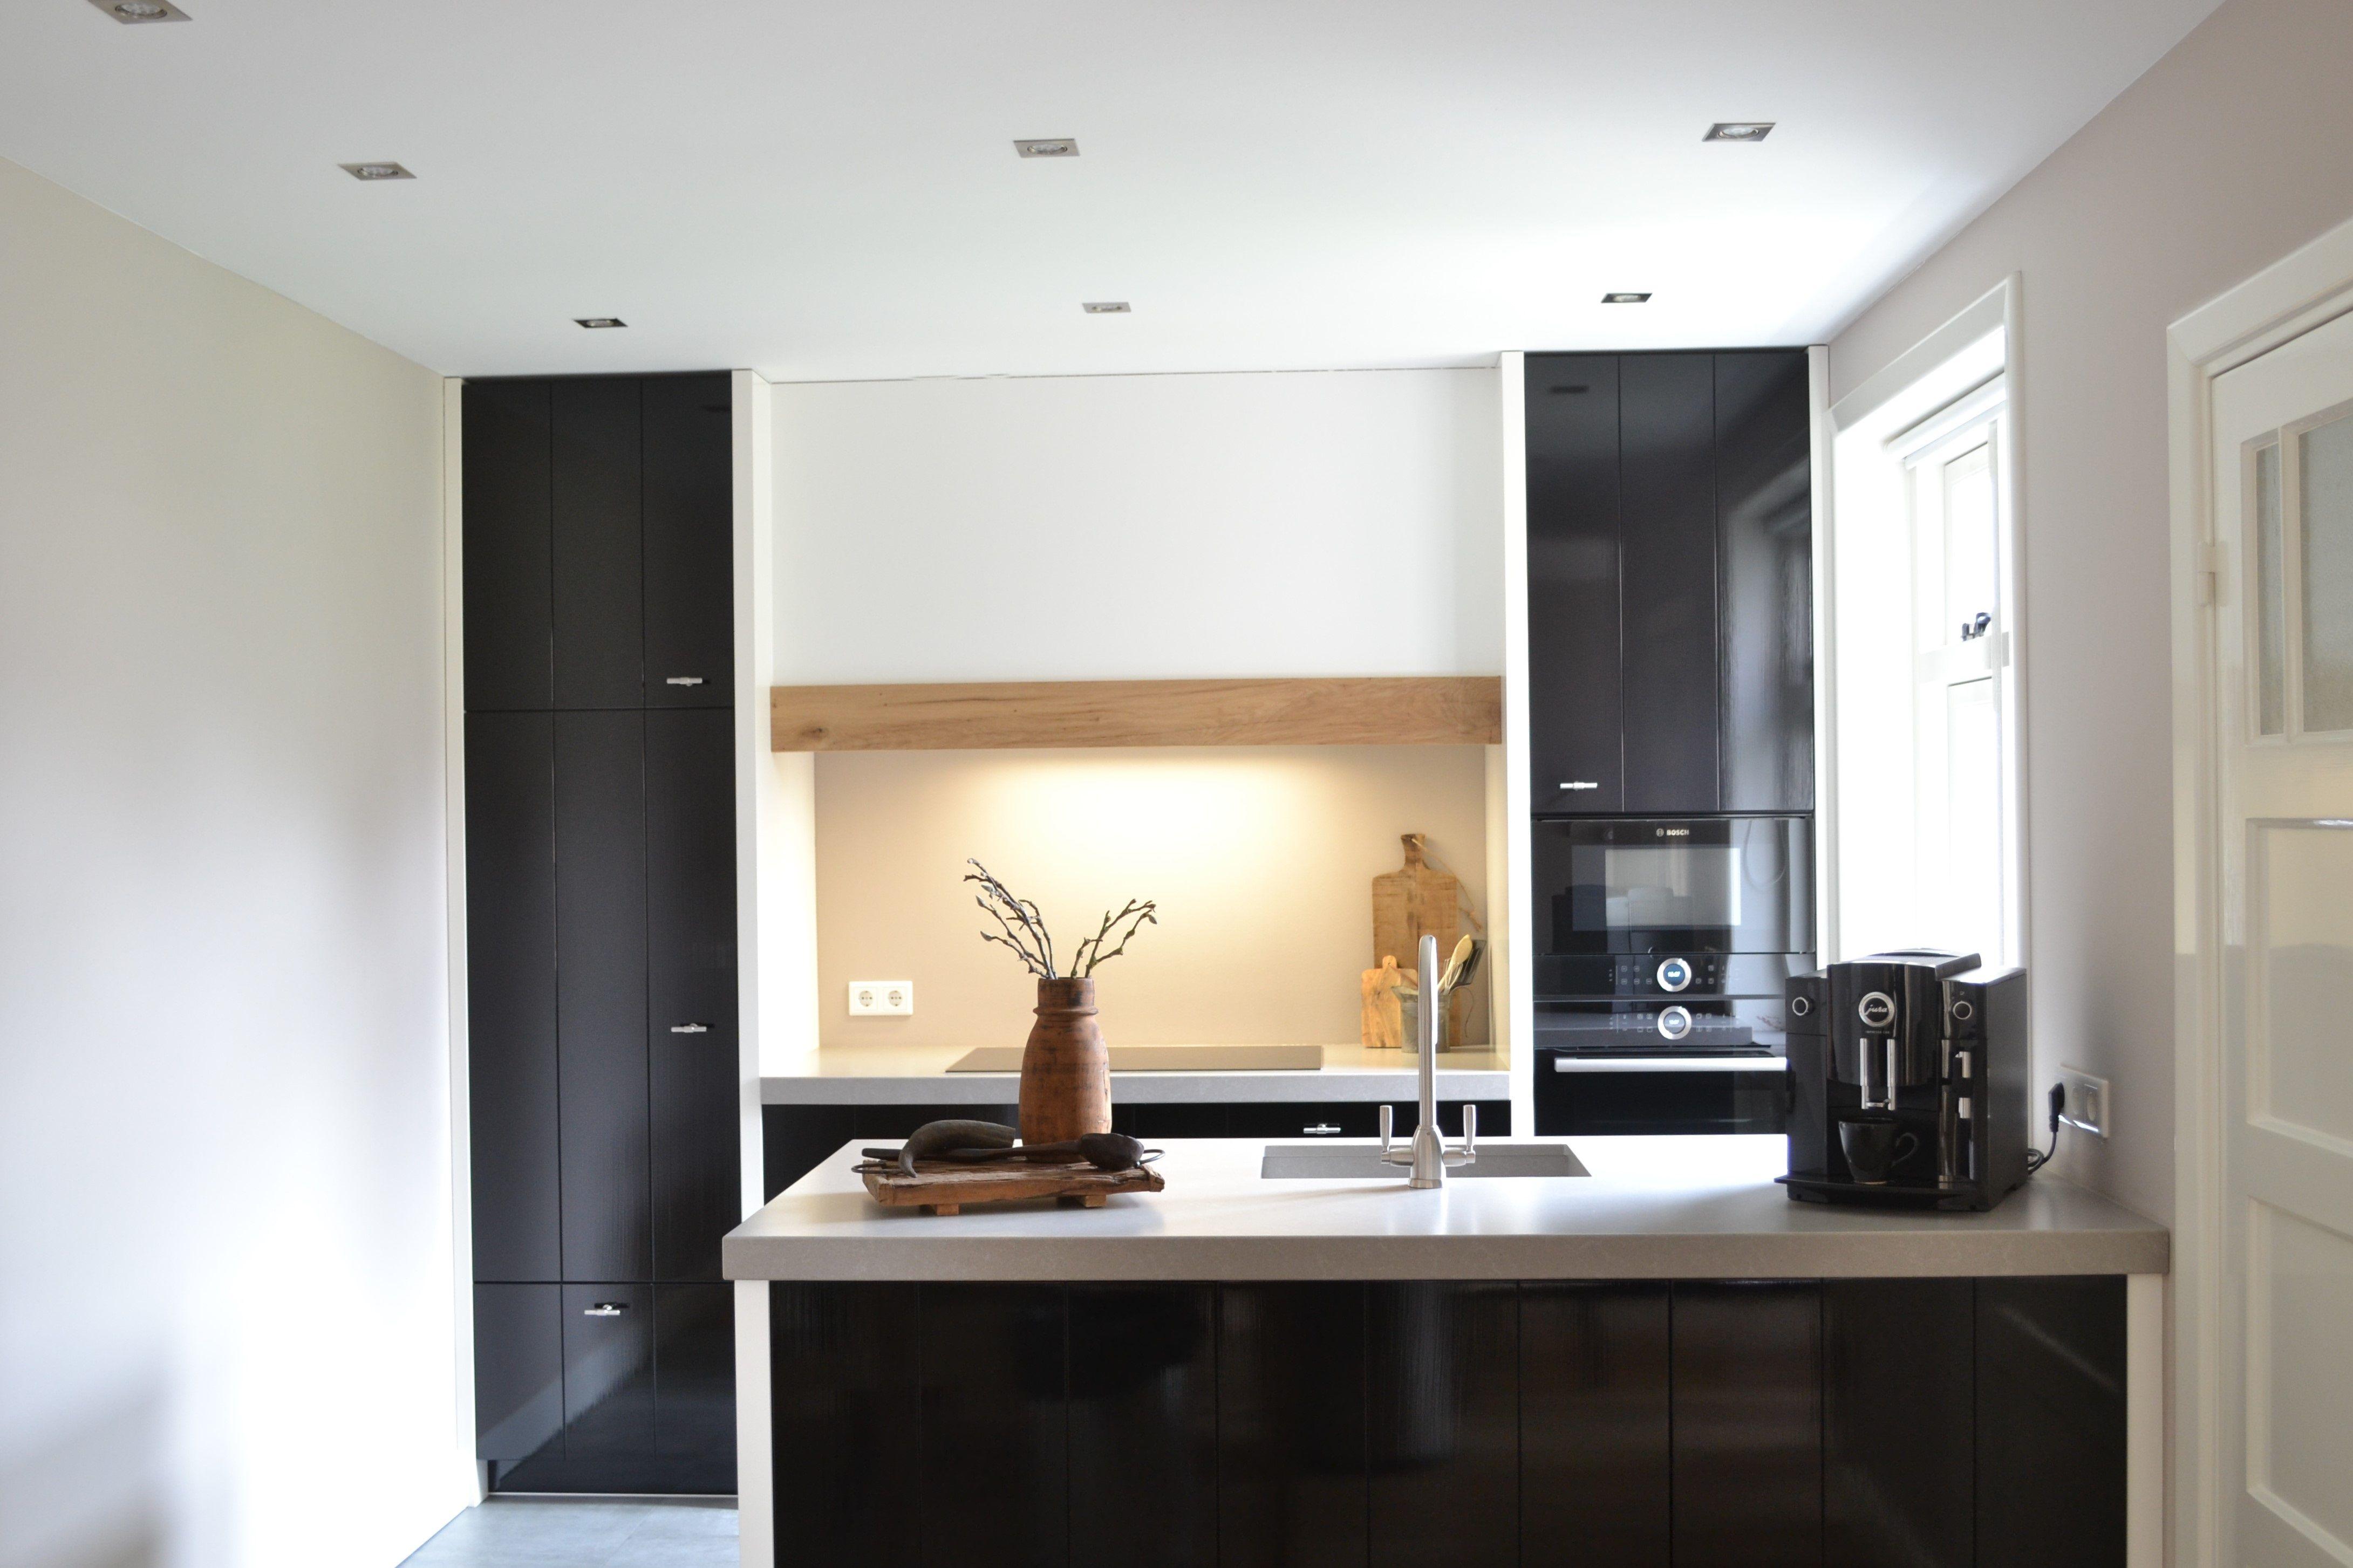 Handgeschilderde zwarte keuken met witte stolwanden en een